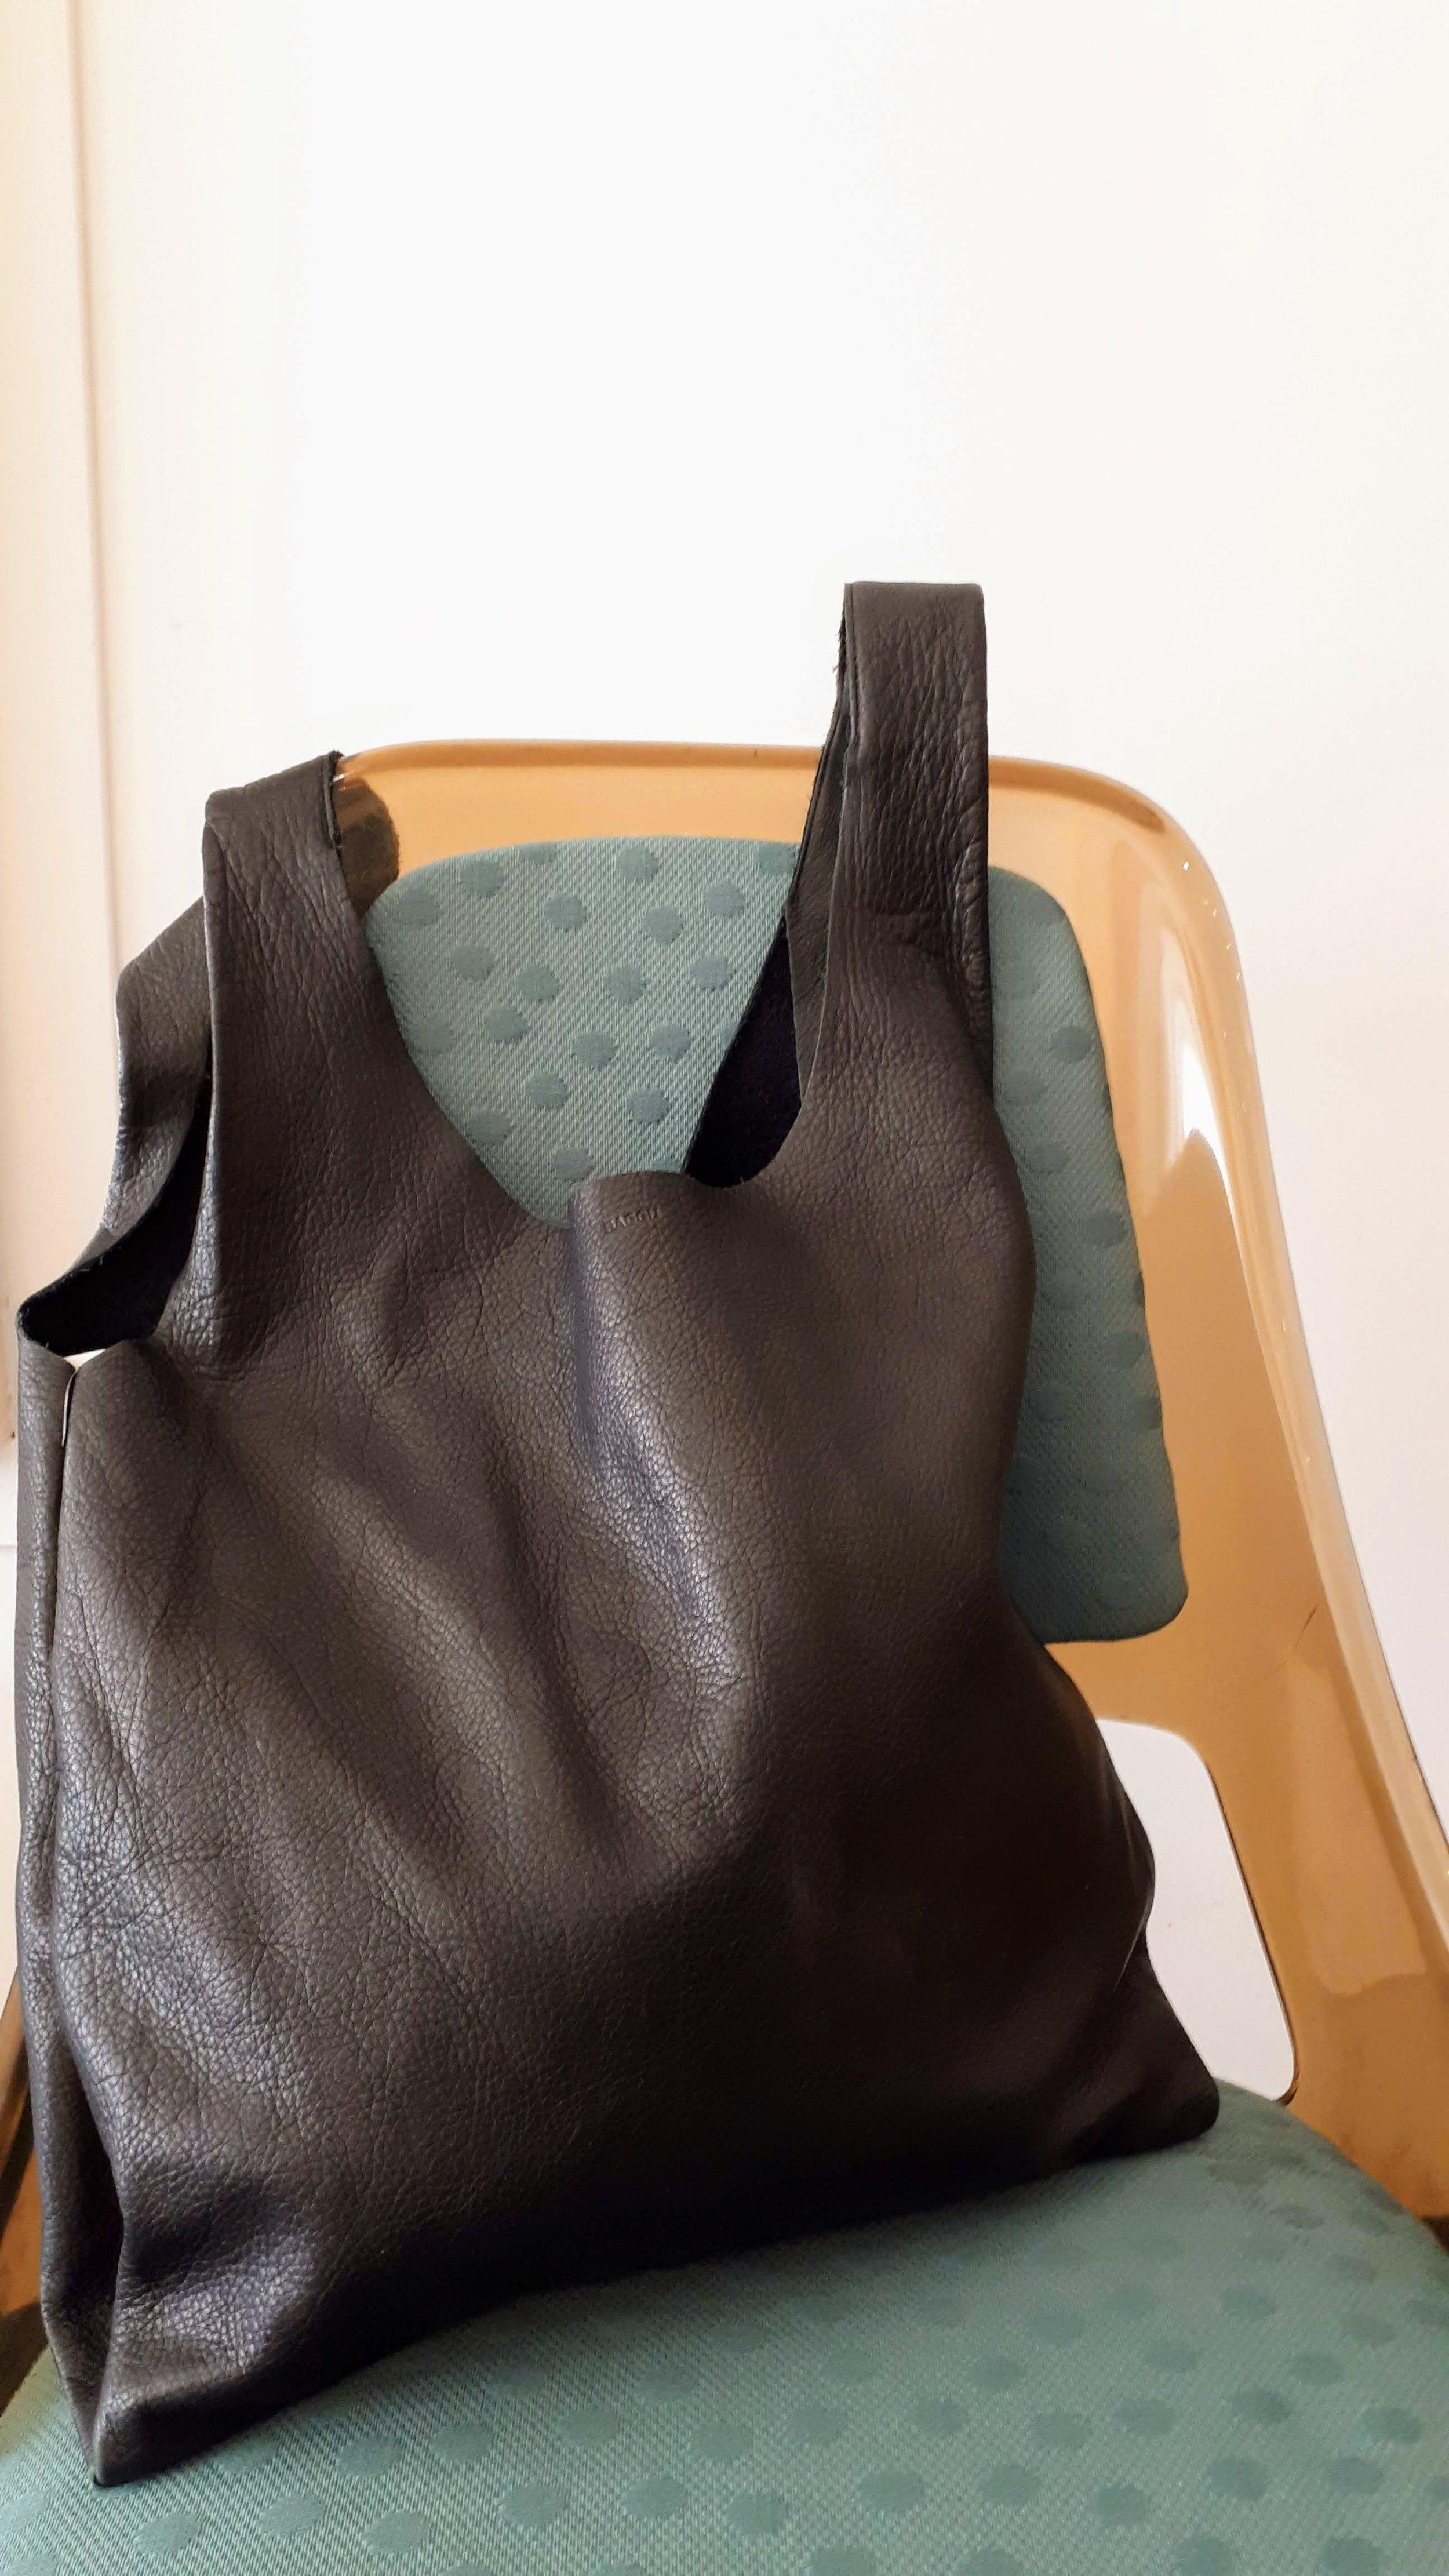 Baggu bag, $38